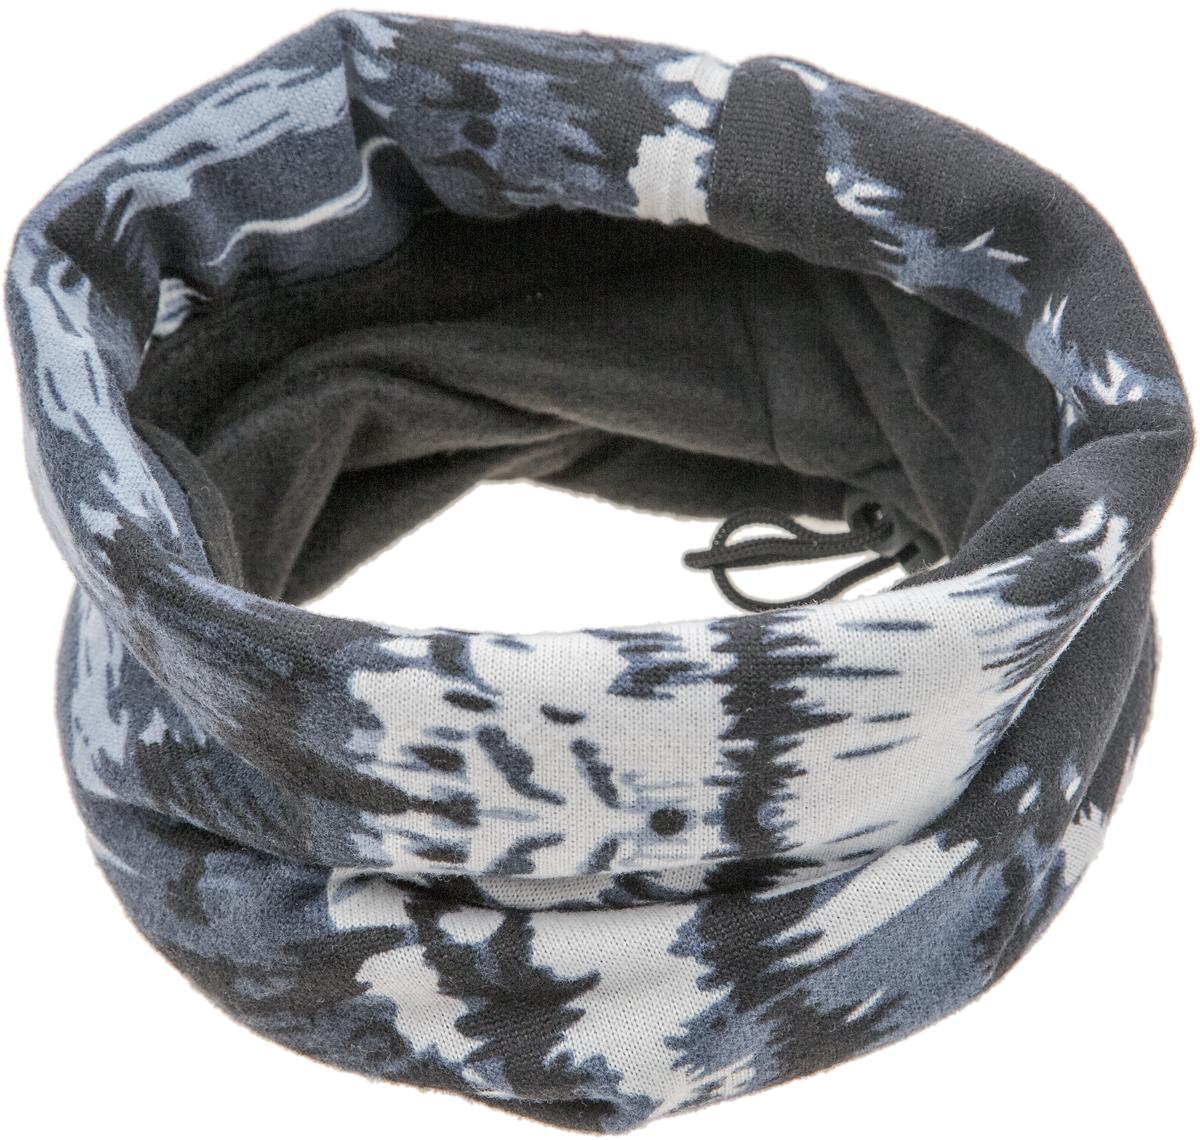 ШарфW - 30Мультишарфы можно встретить под разными названиями: мультишарф, мультибандана, платок трансформер, Baff, но вне зависимости от того, как Вы назовете этот аксессуар, его уникальные возможности останутся неизменными. Вы с легкостью и удобством можете одеть этот мультишарф на голову и шею 12 различными способами. В сильные морозы, пронизывающий ветер или пыльную бурю - с мультишарфом Вы будете готовы к любым капризам природы. Авторская работа.